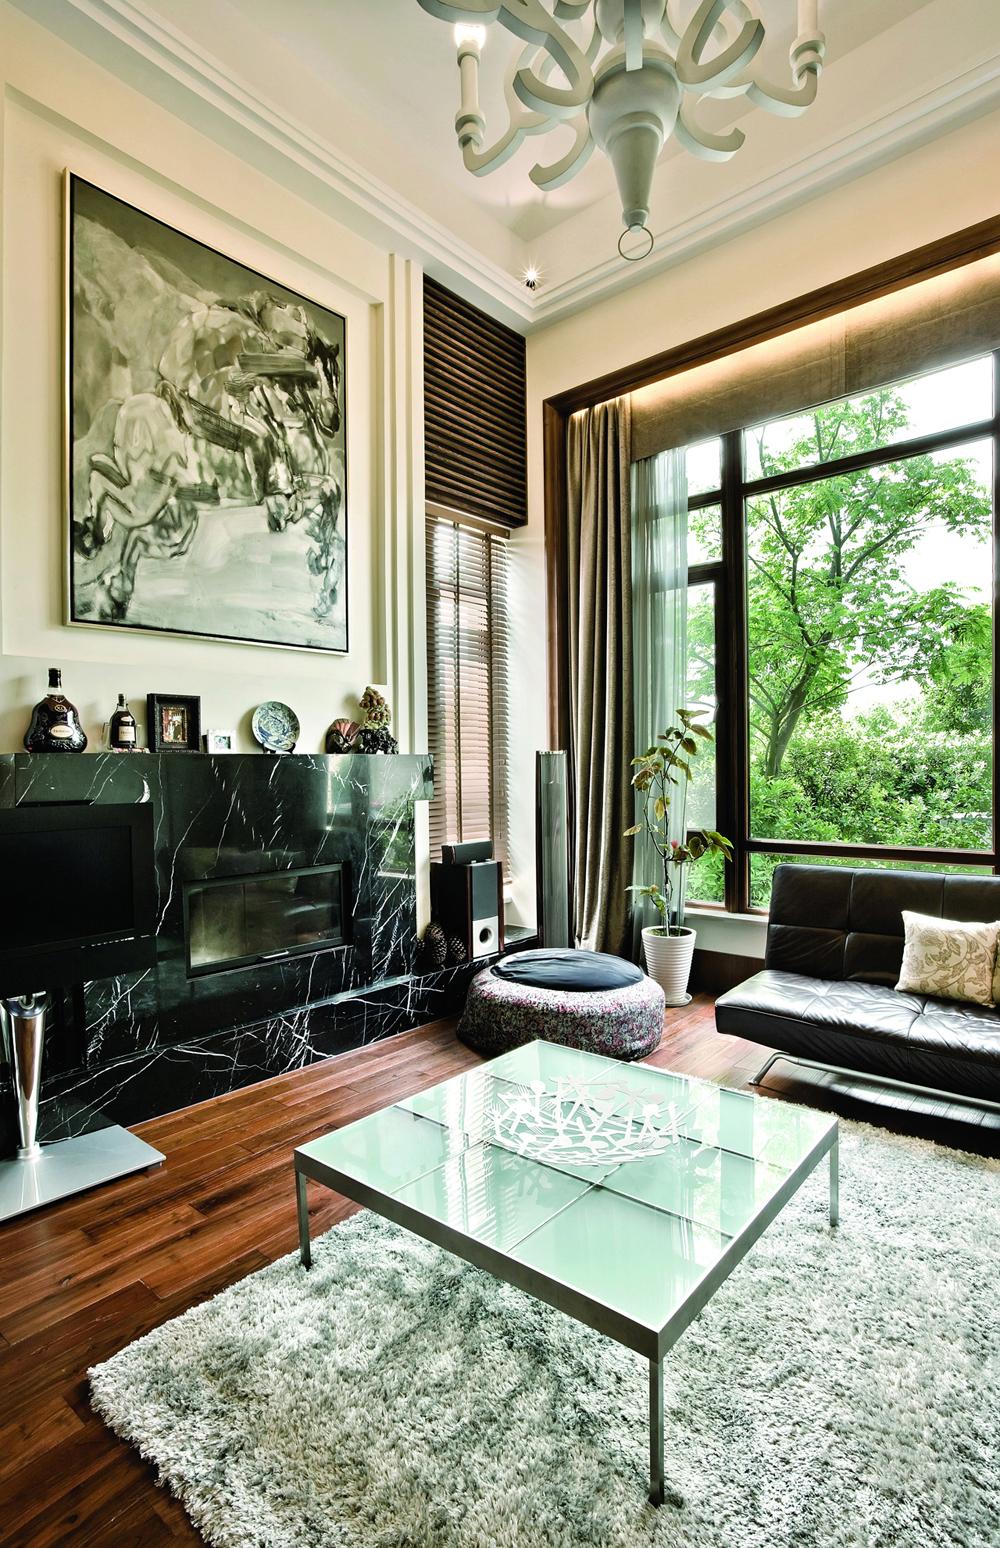 混搭风格别墅装修客厅图片欣赏